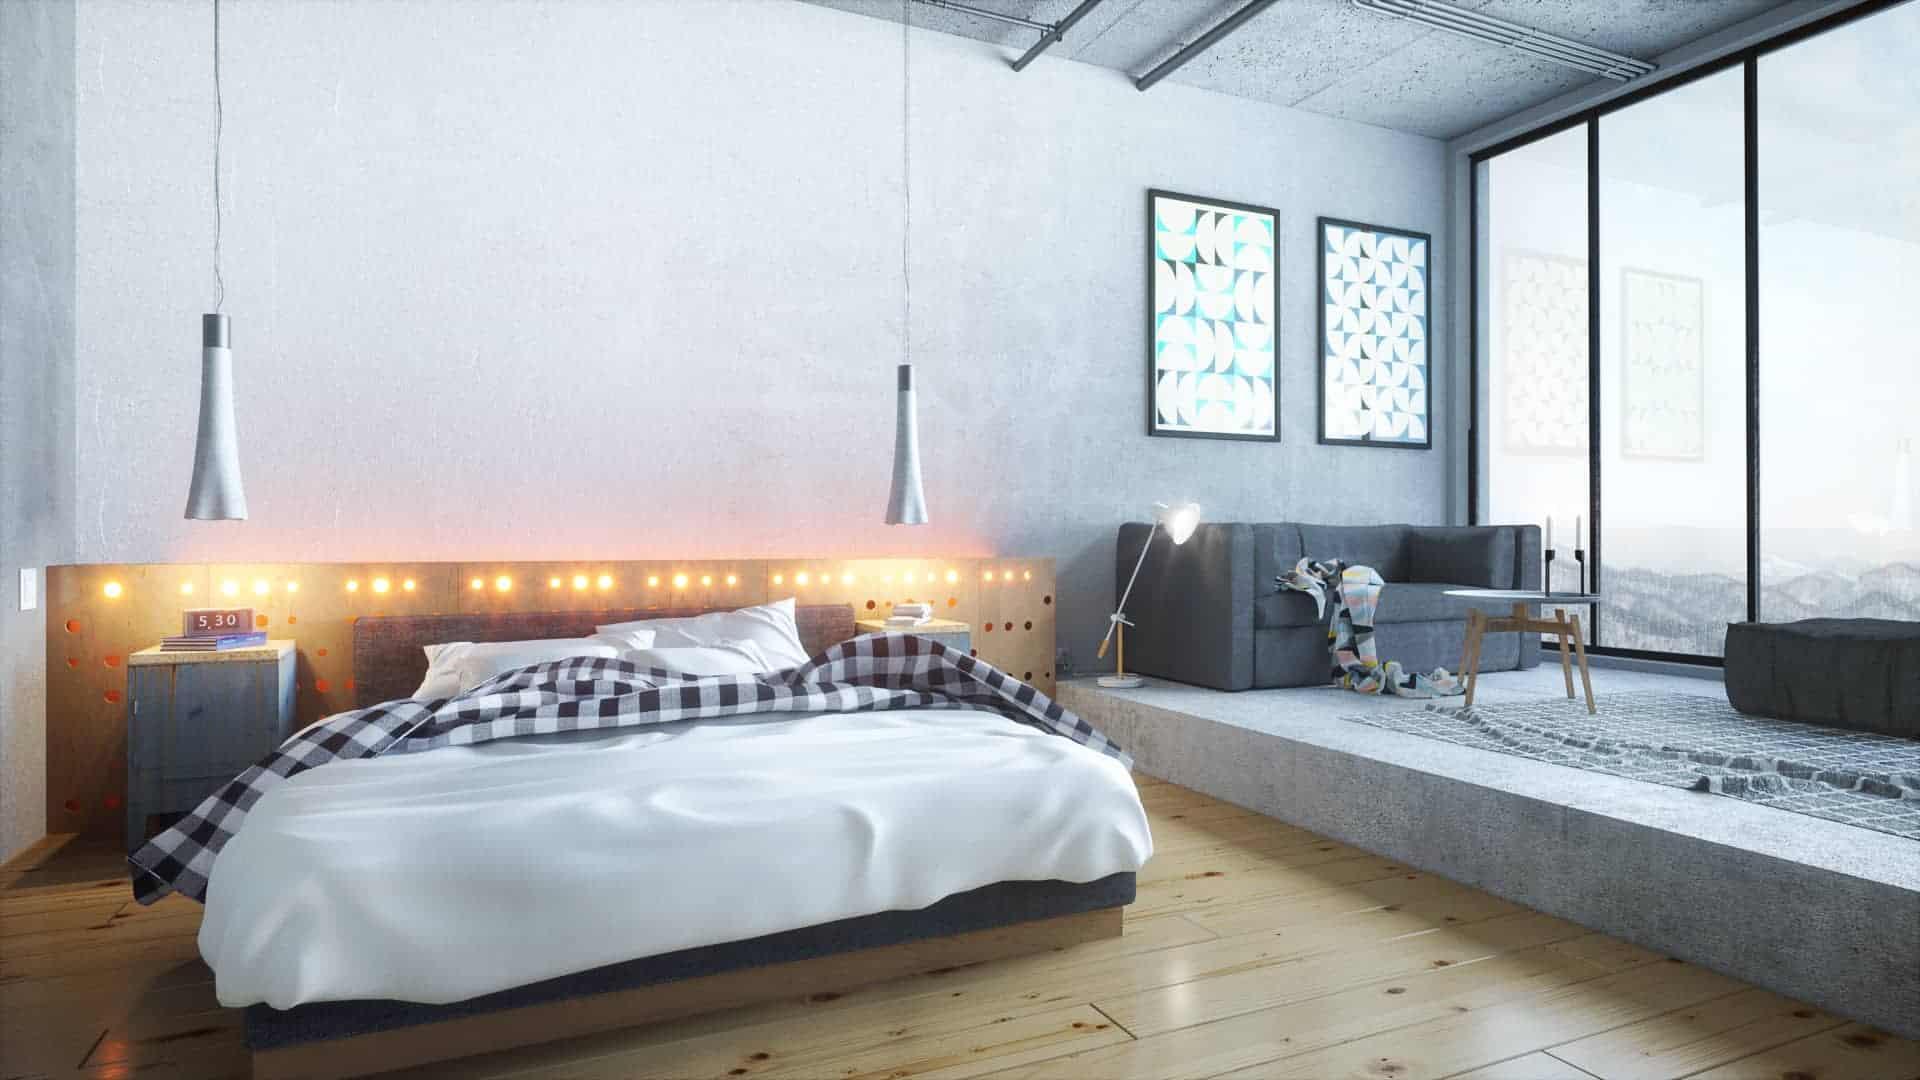 Industrial Bedroom & Industrial Bedroom - Design Ideas